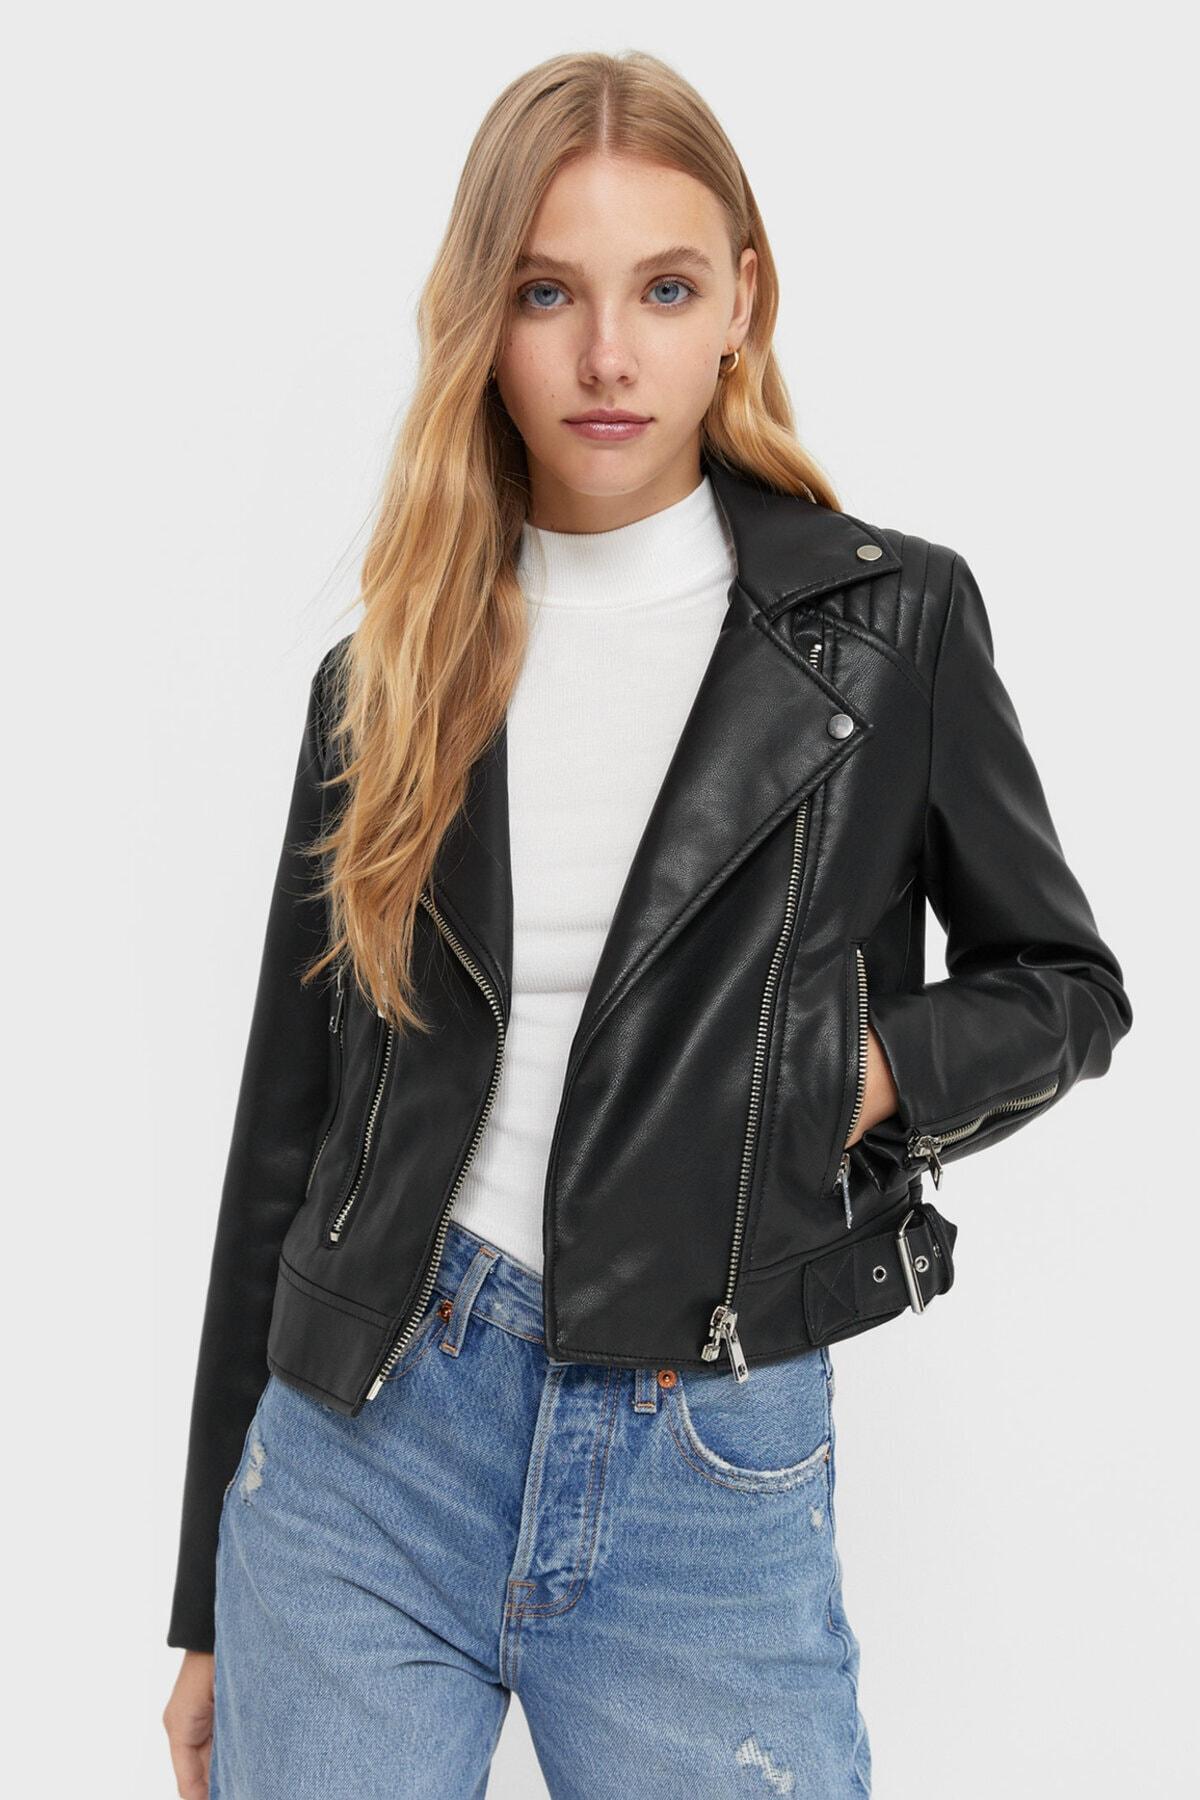 Stradivarius Kadın Siyah Biker Ceket